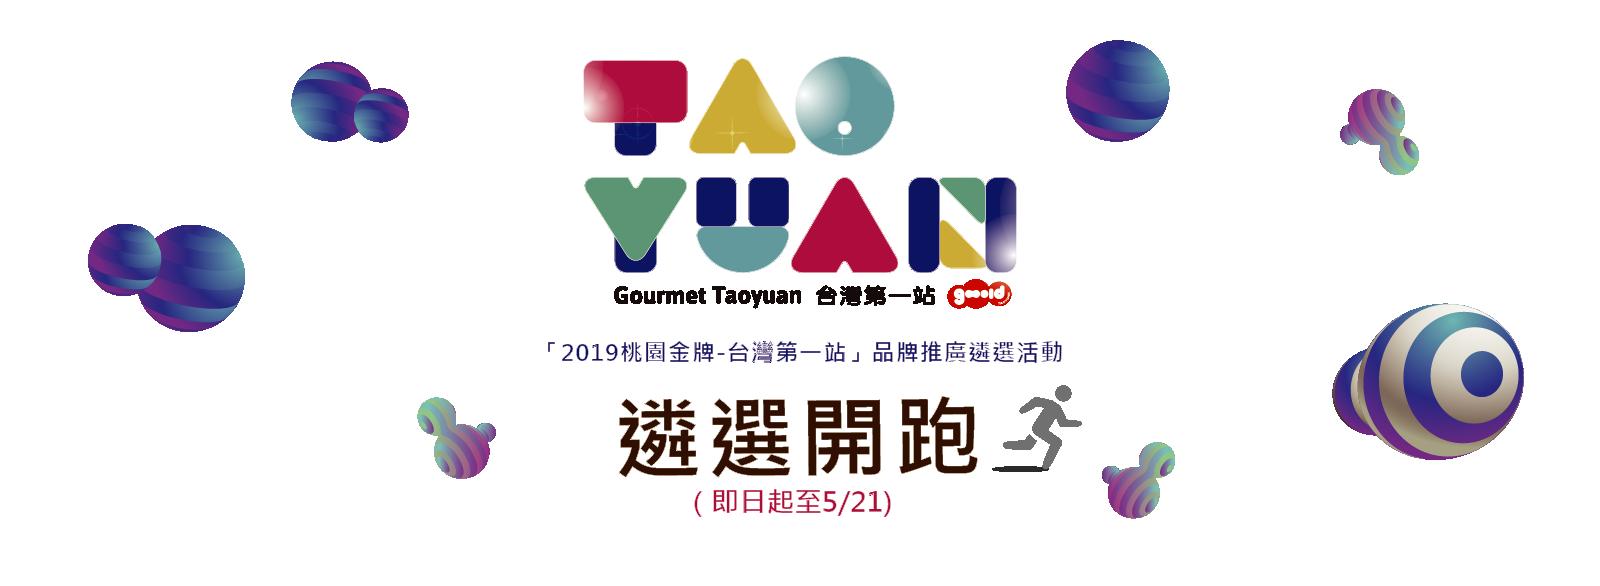 一年一度,桃園金牌-台灣第一站-品牌推廣活動開跑瞜!